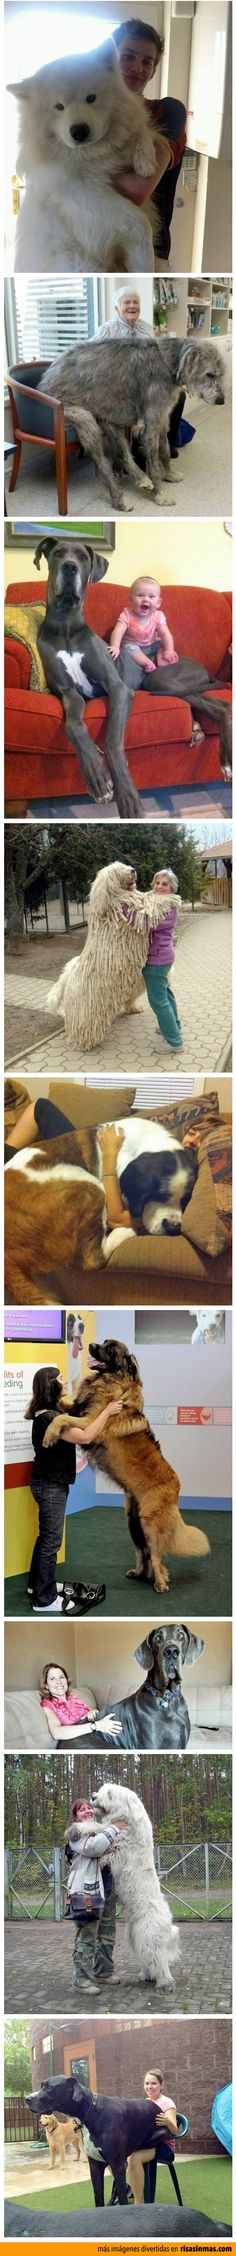 Perros gigantes.